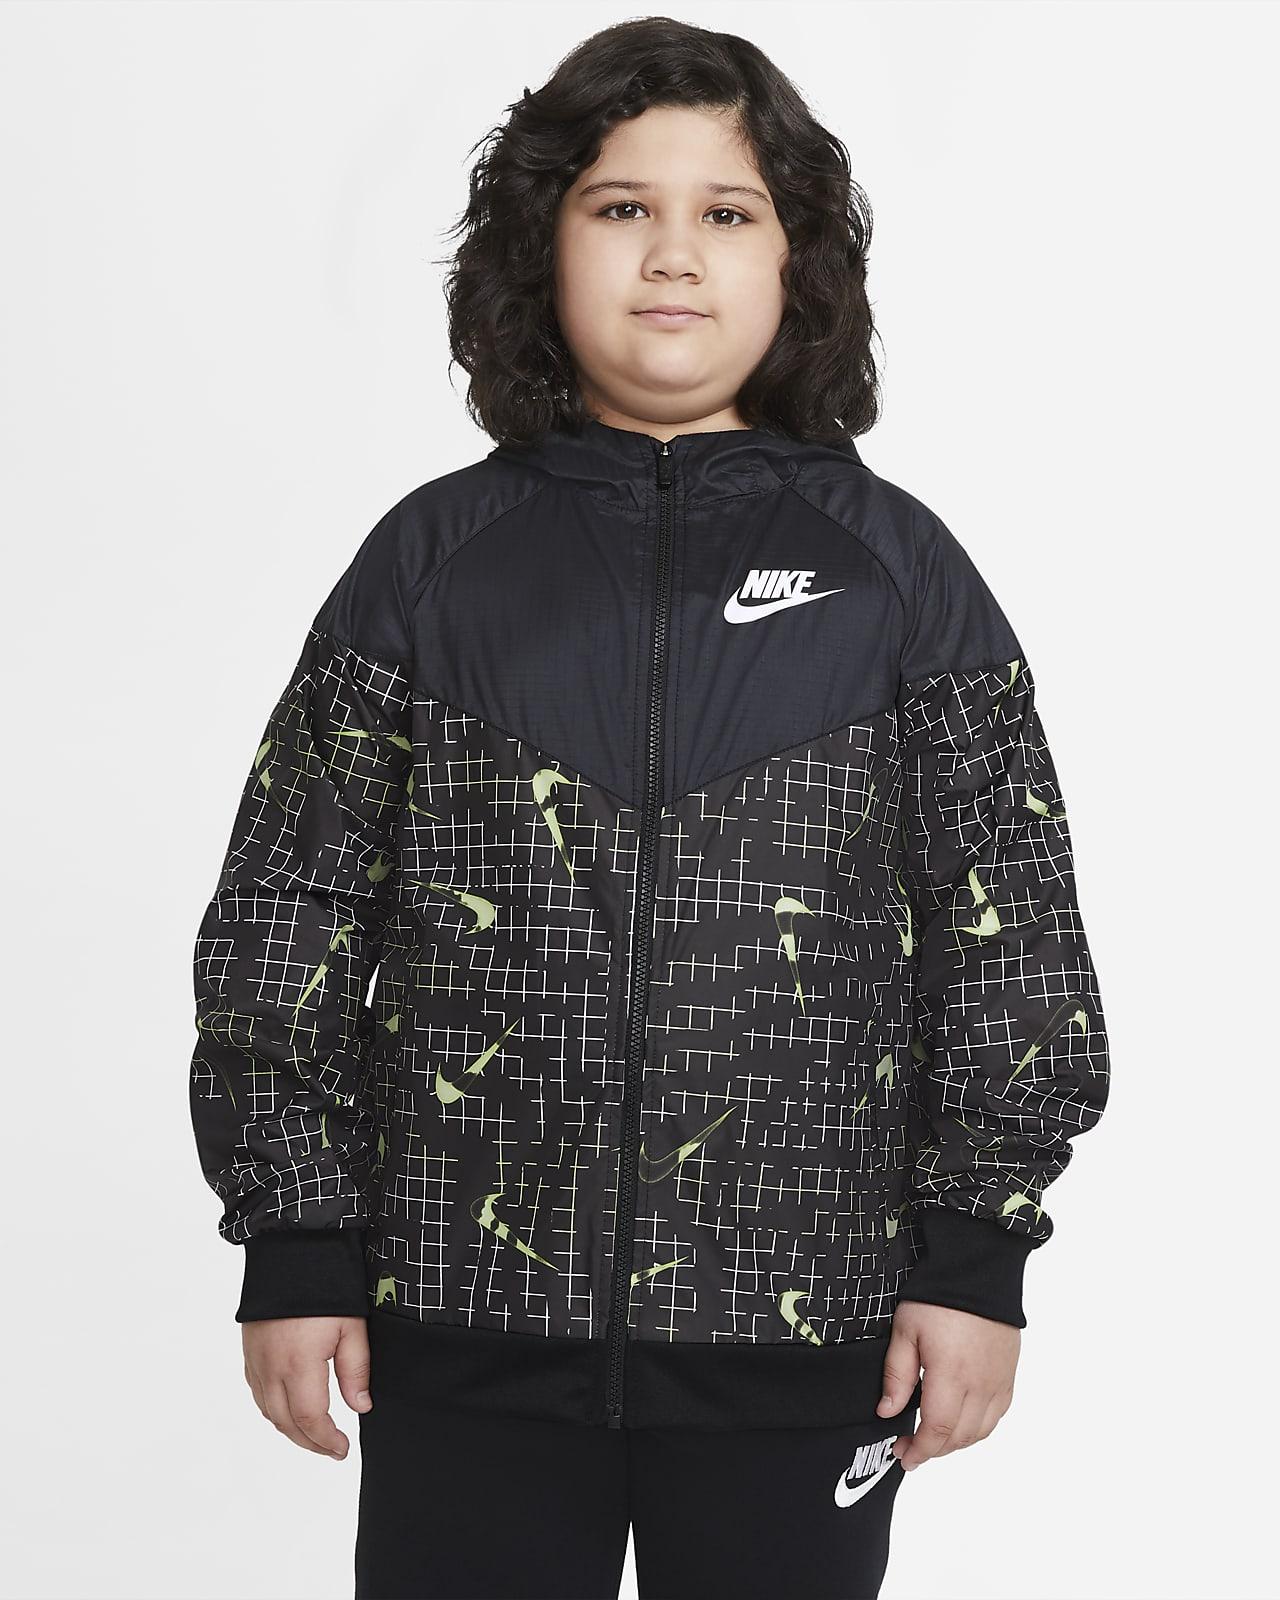 Τζάκετ Nike Sportswear Windrunner για μεγάλα αγόρια (μεγαλύτερο μέγεθος)